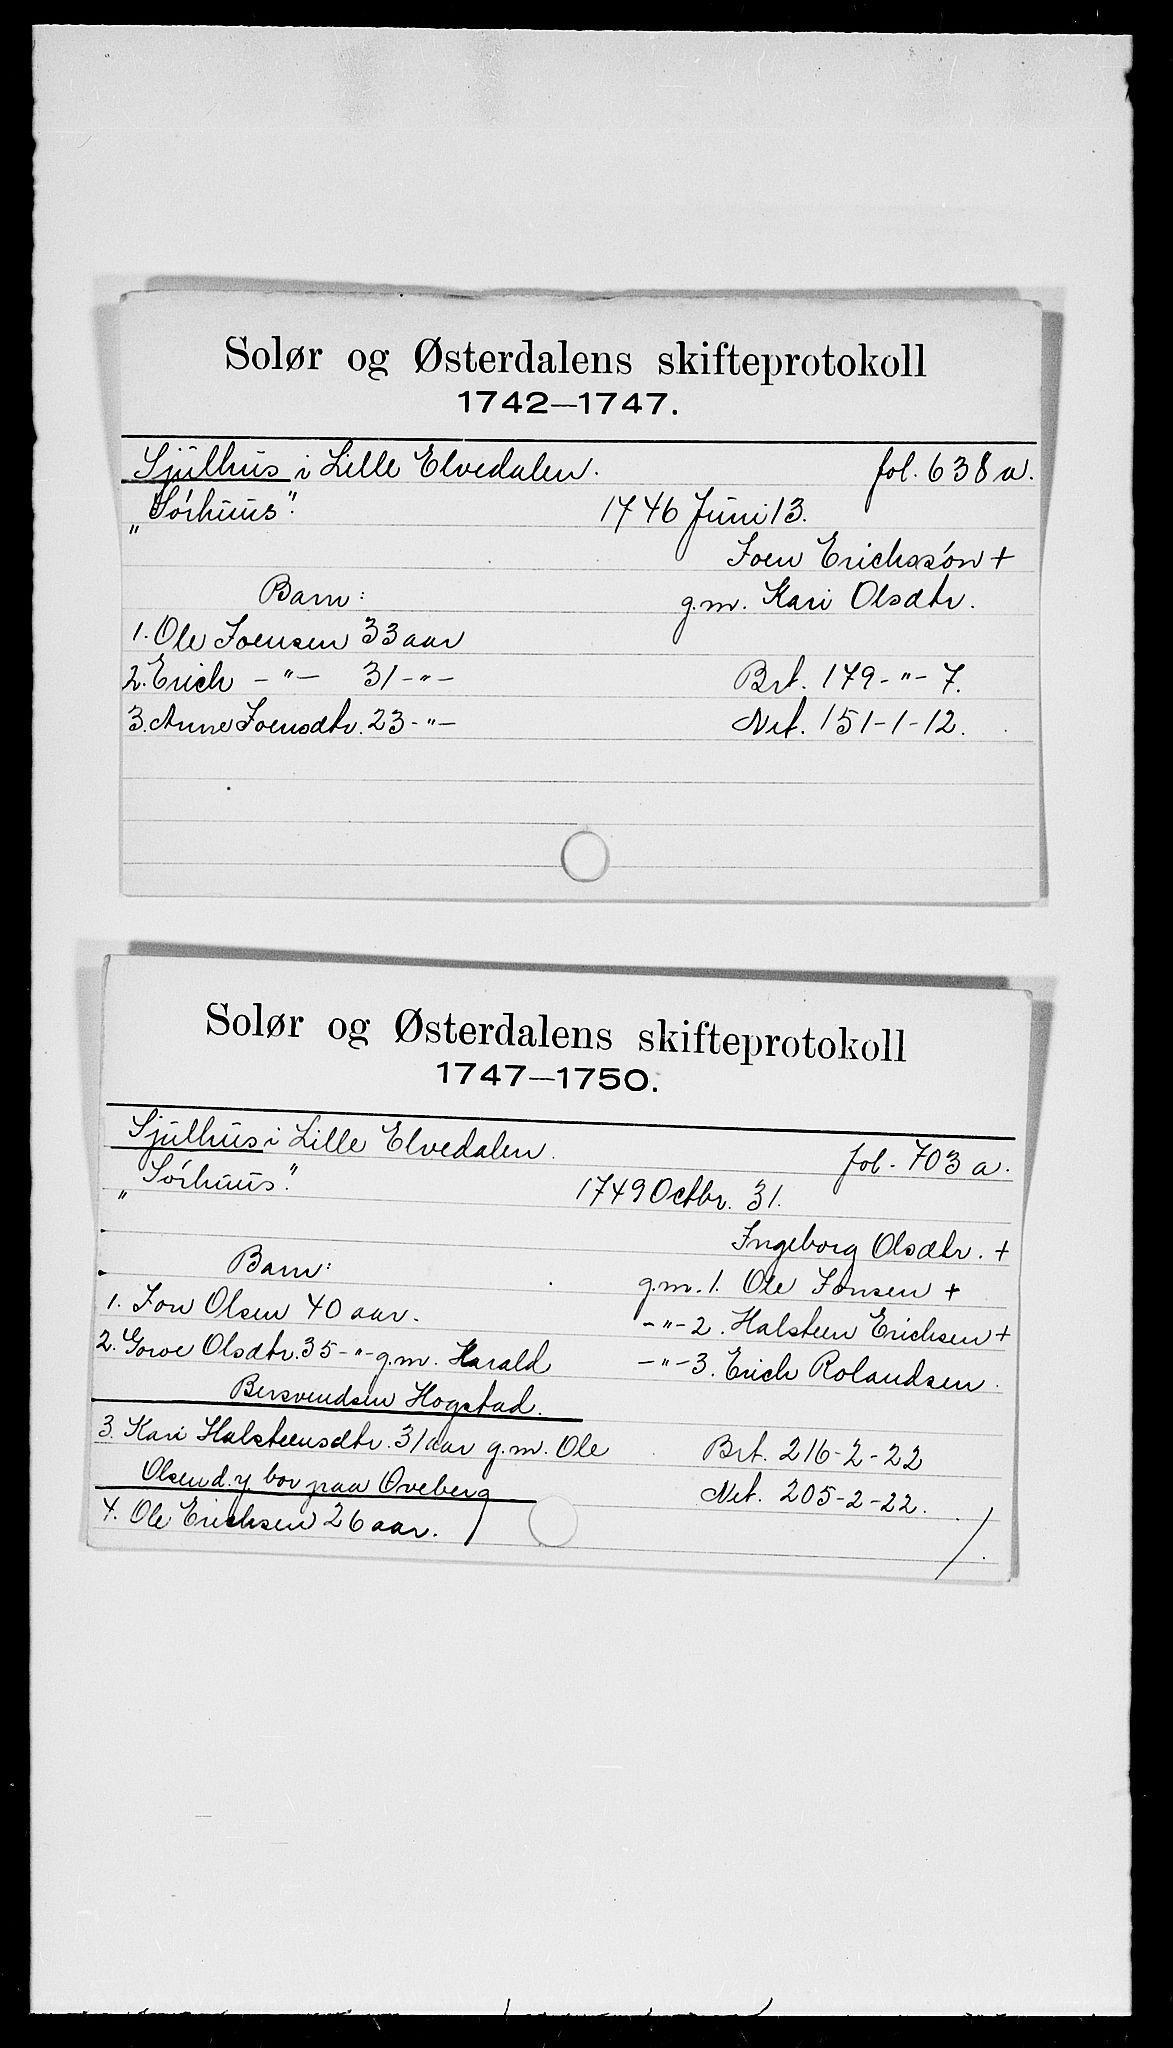 SAH, Solør og Østerdalen sorenskriveri, J, 1716-1774, s. 9463